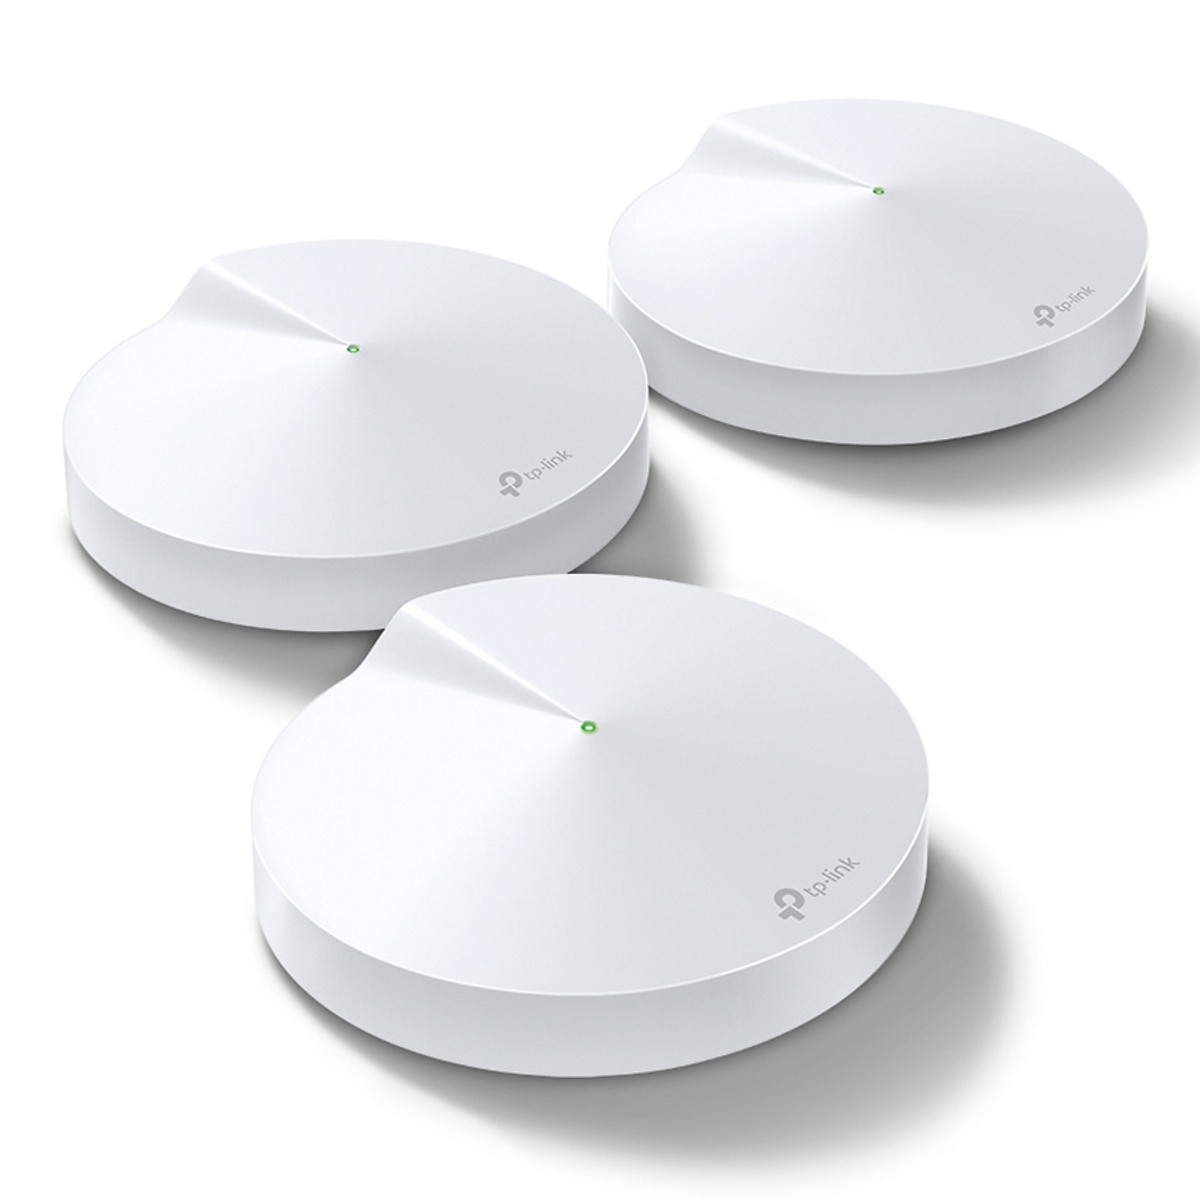 Bộ Phát Wifi Mesh TP-Link Deco M5 AC1300 MU-MIMO – Hàng Chính Hãng